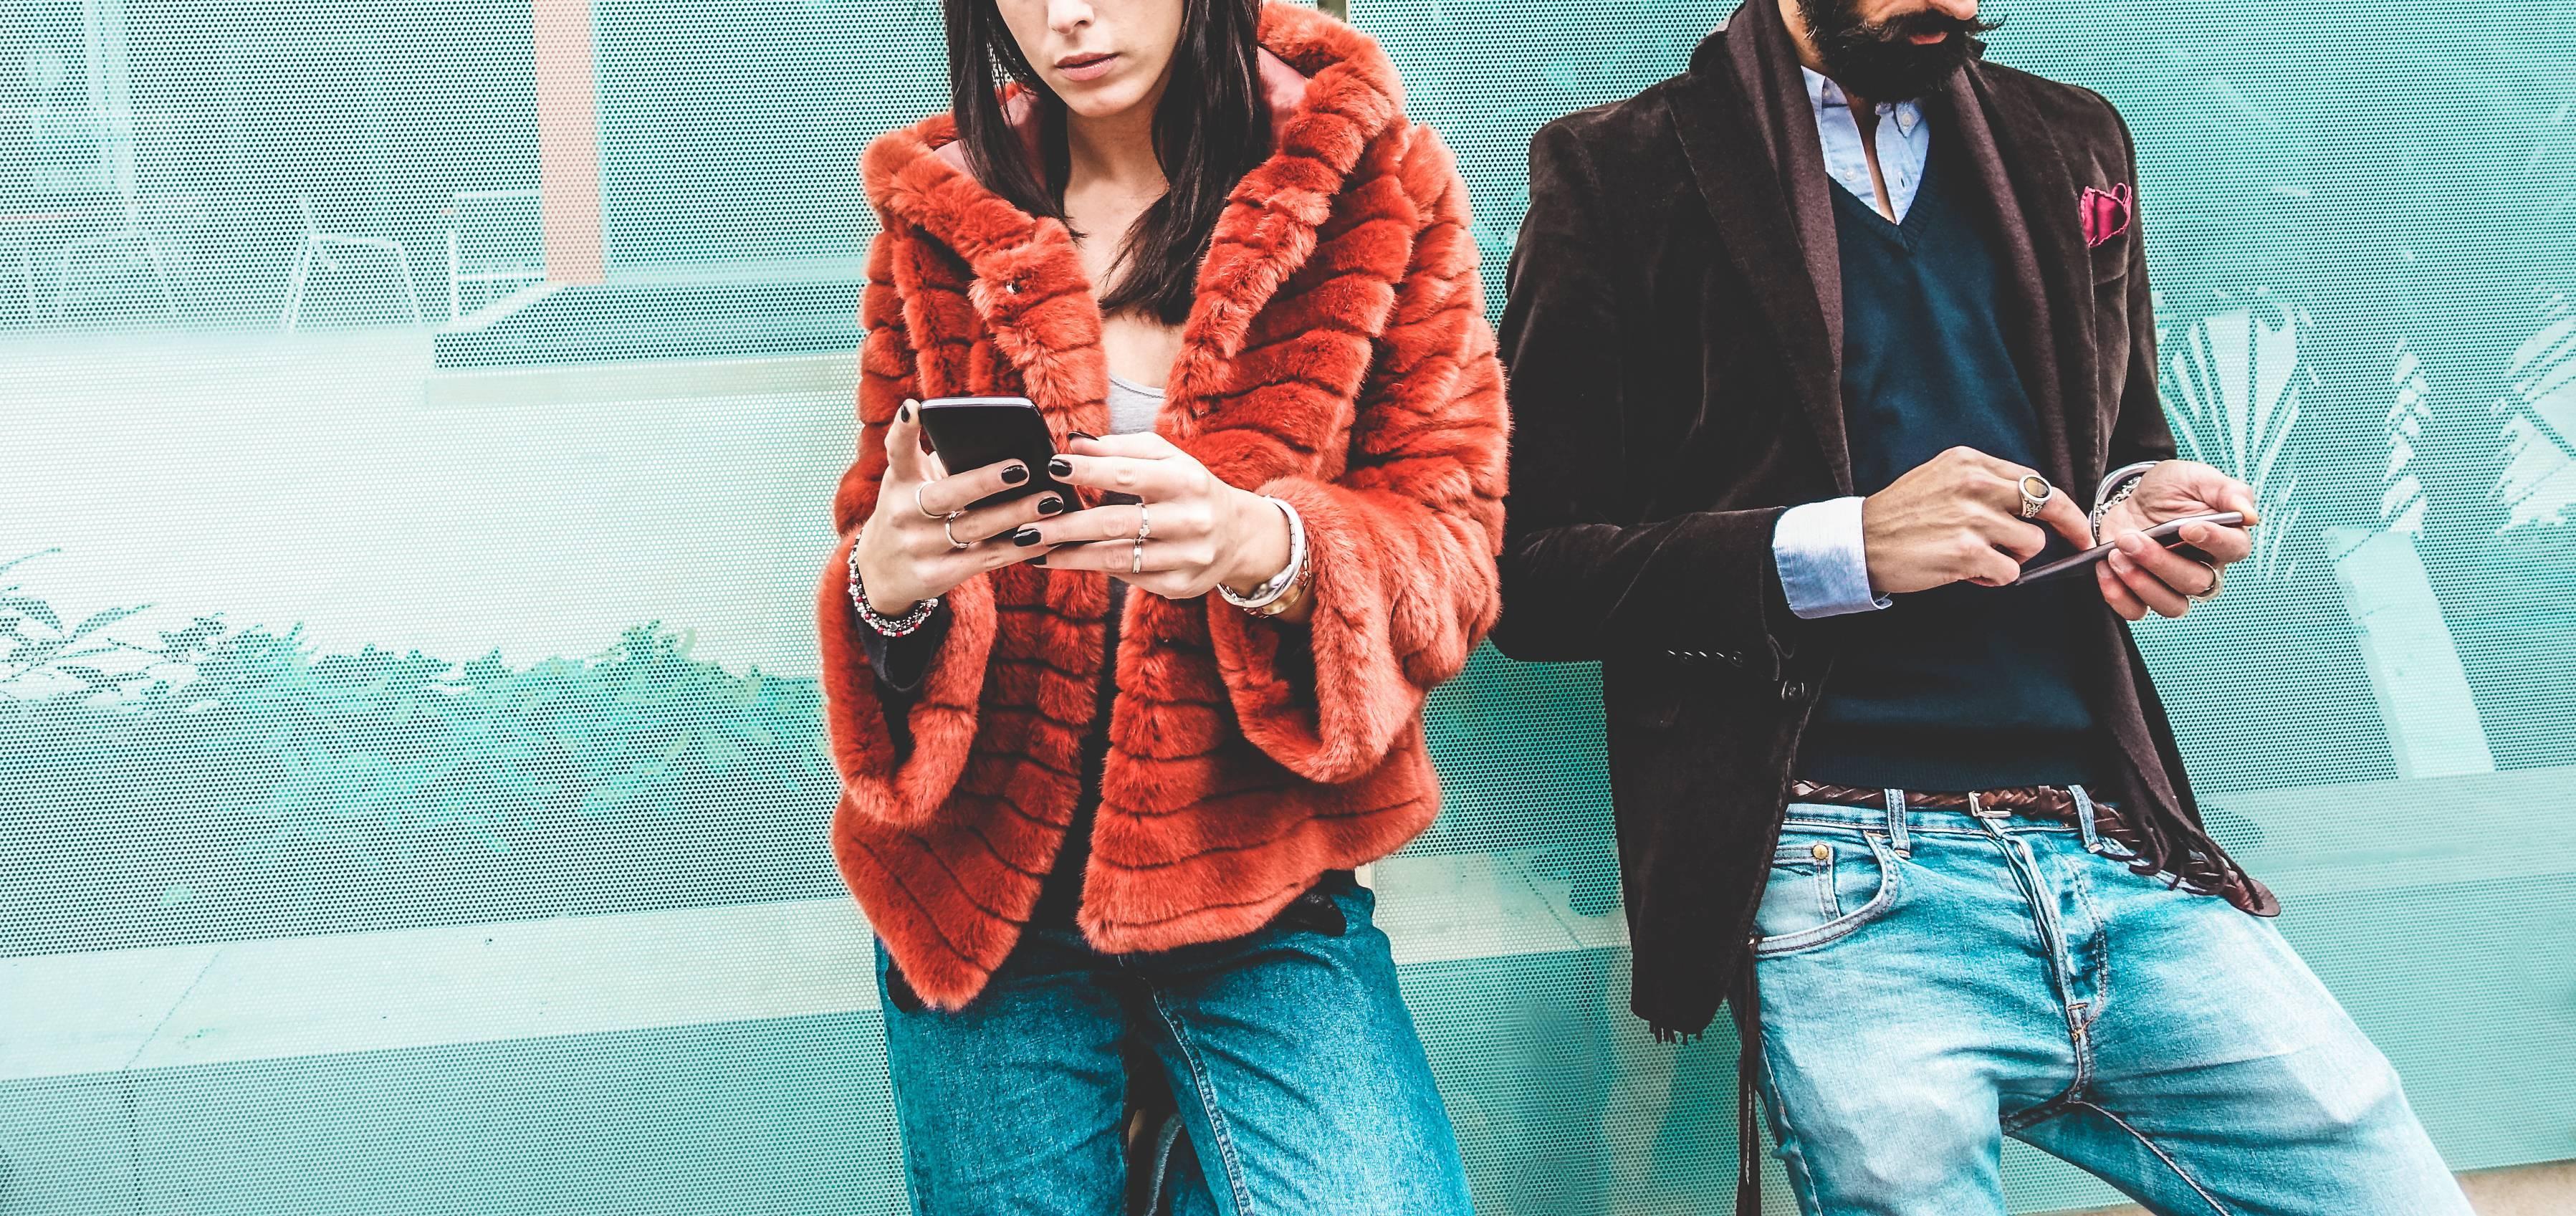 tendance mode femme